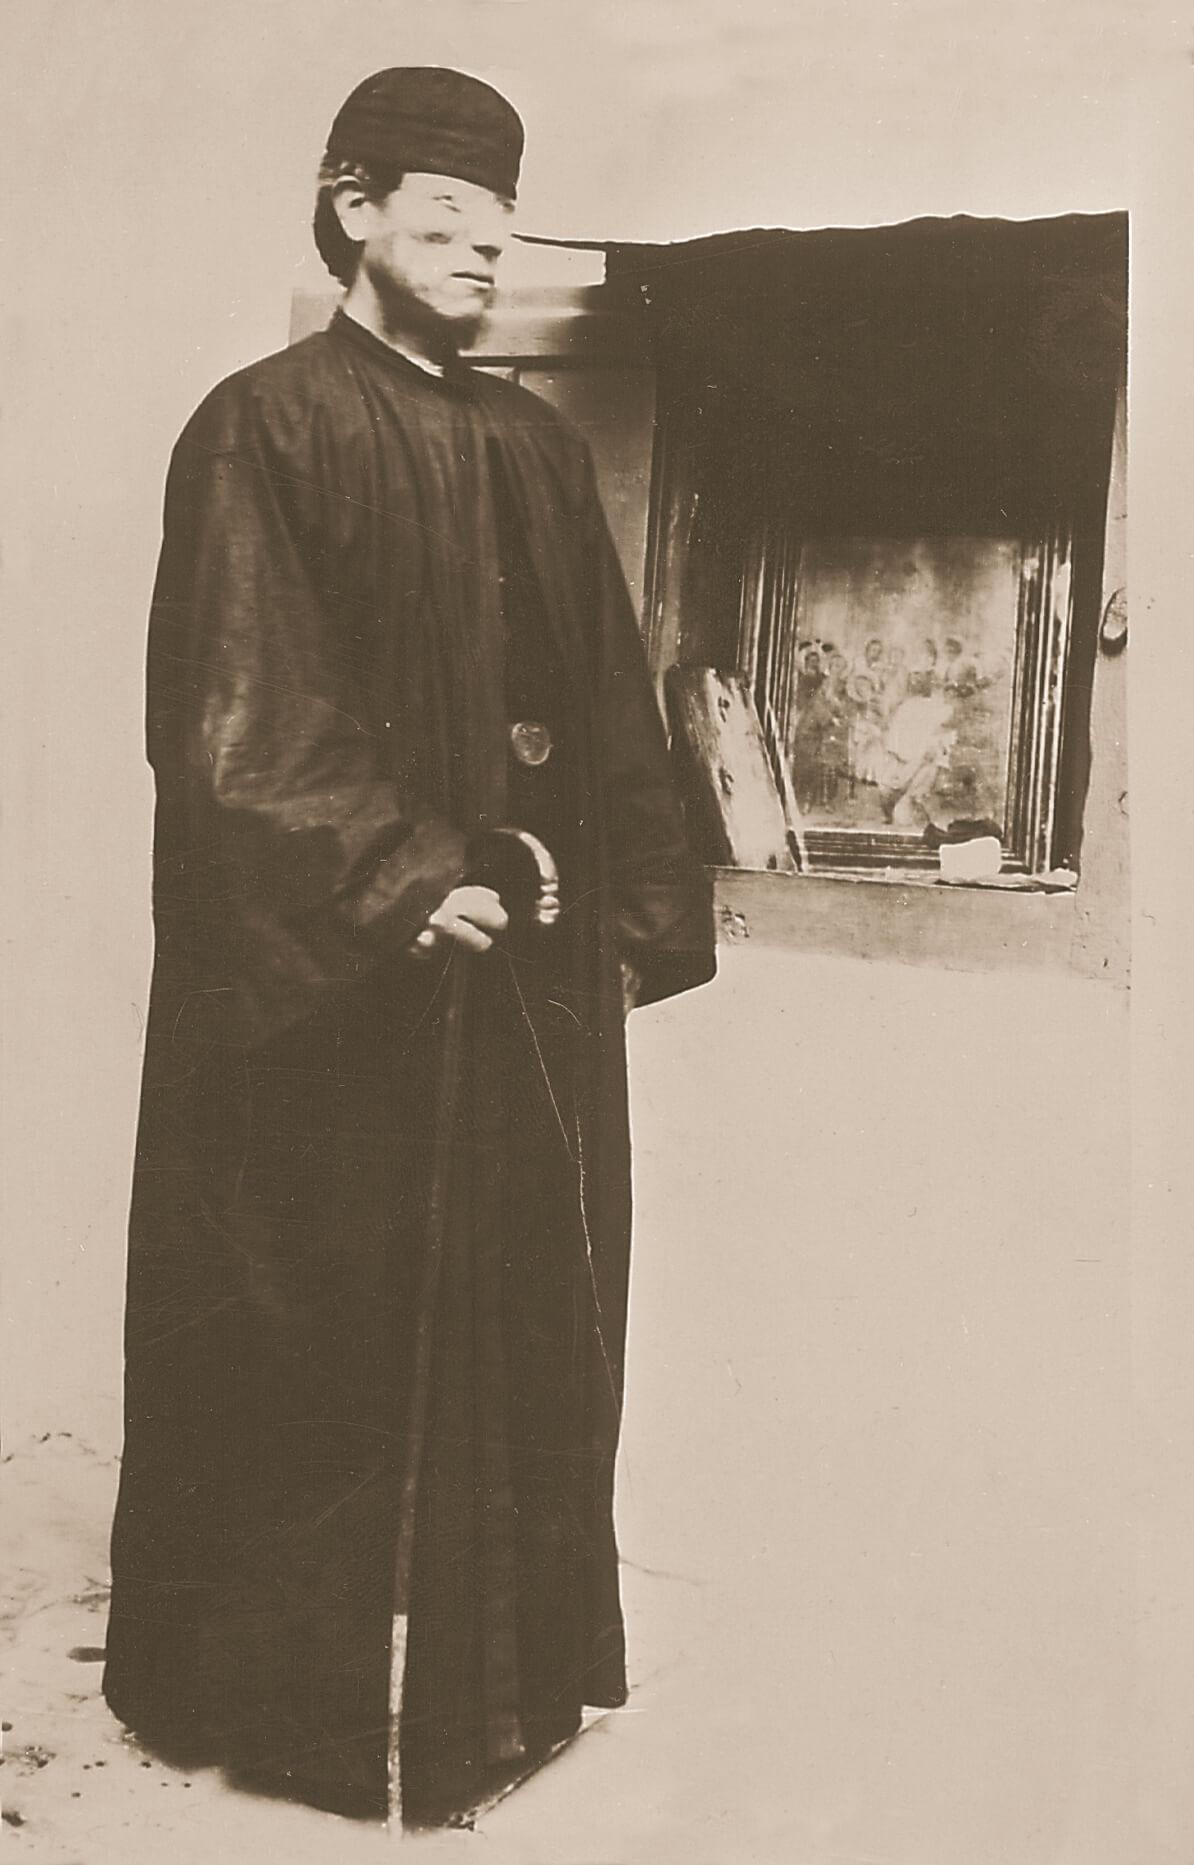 Ὁ ἅγιος Νικηφόρος μοναχός, στήν Χίο.